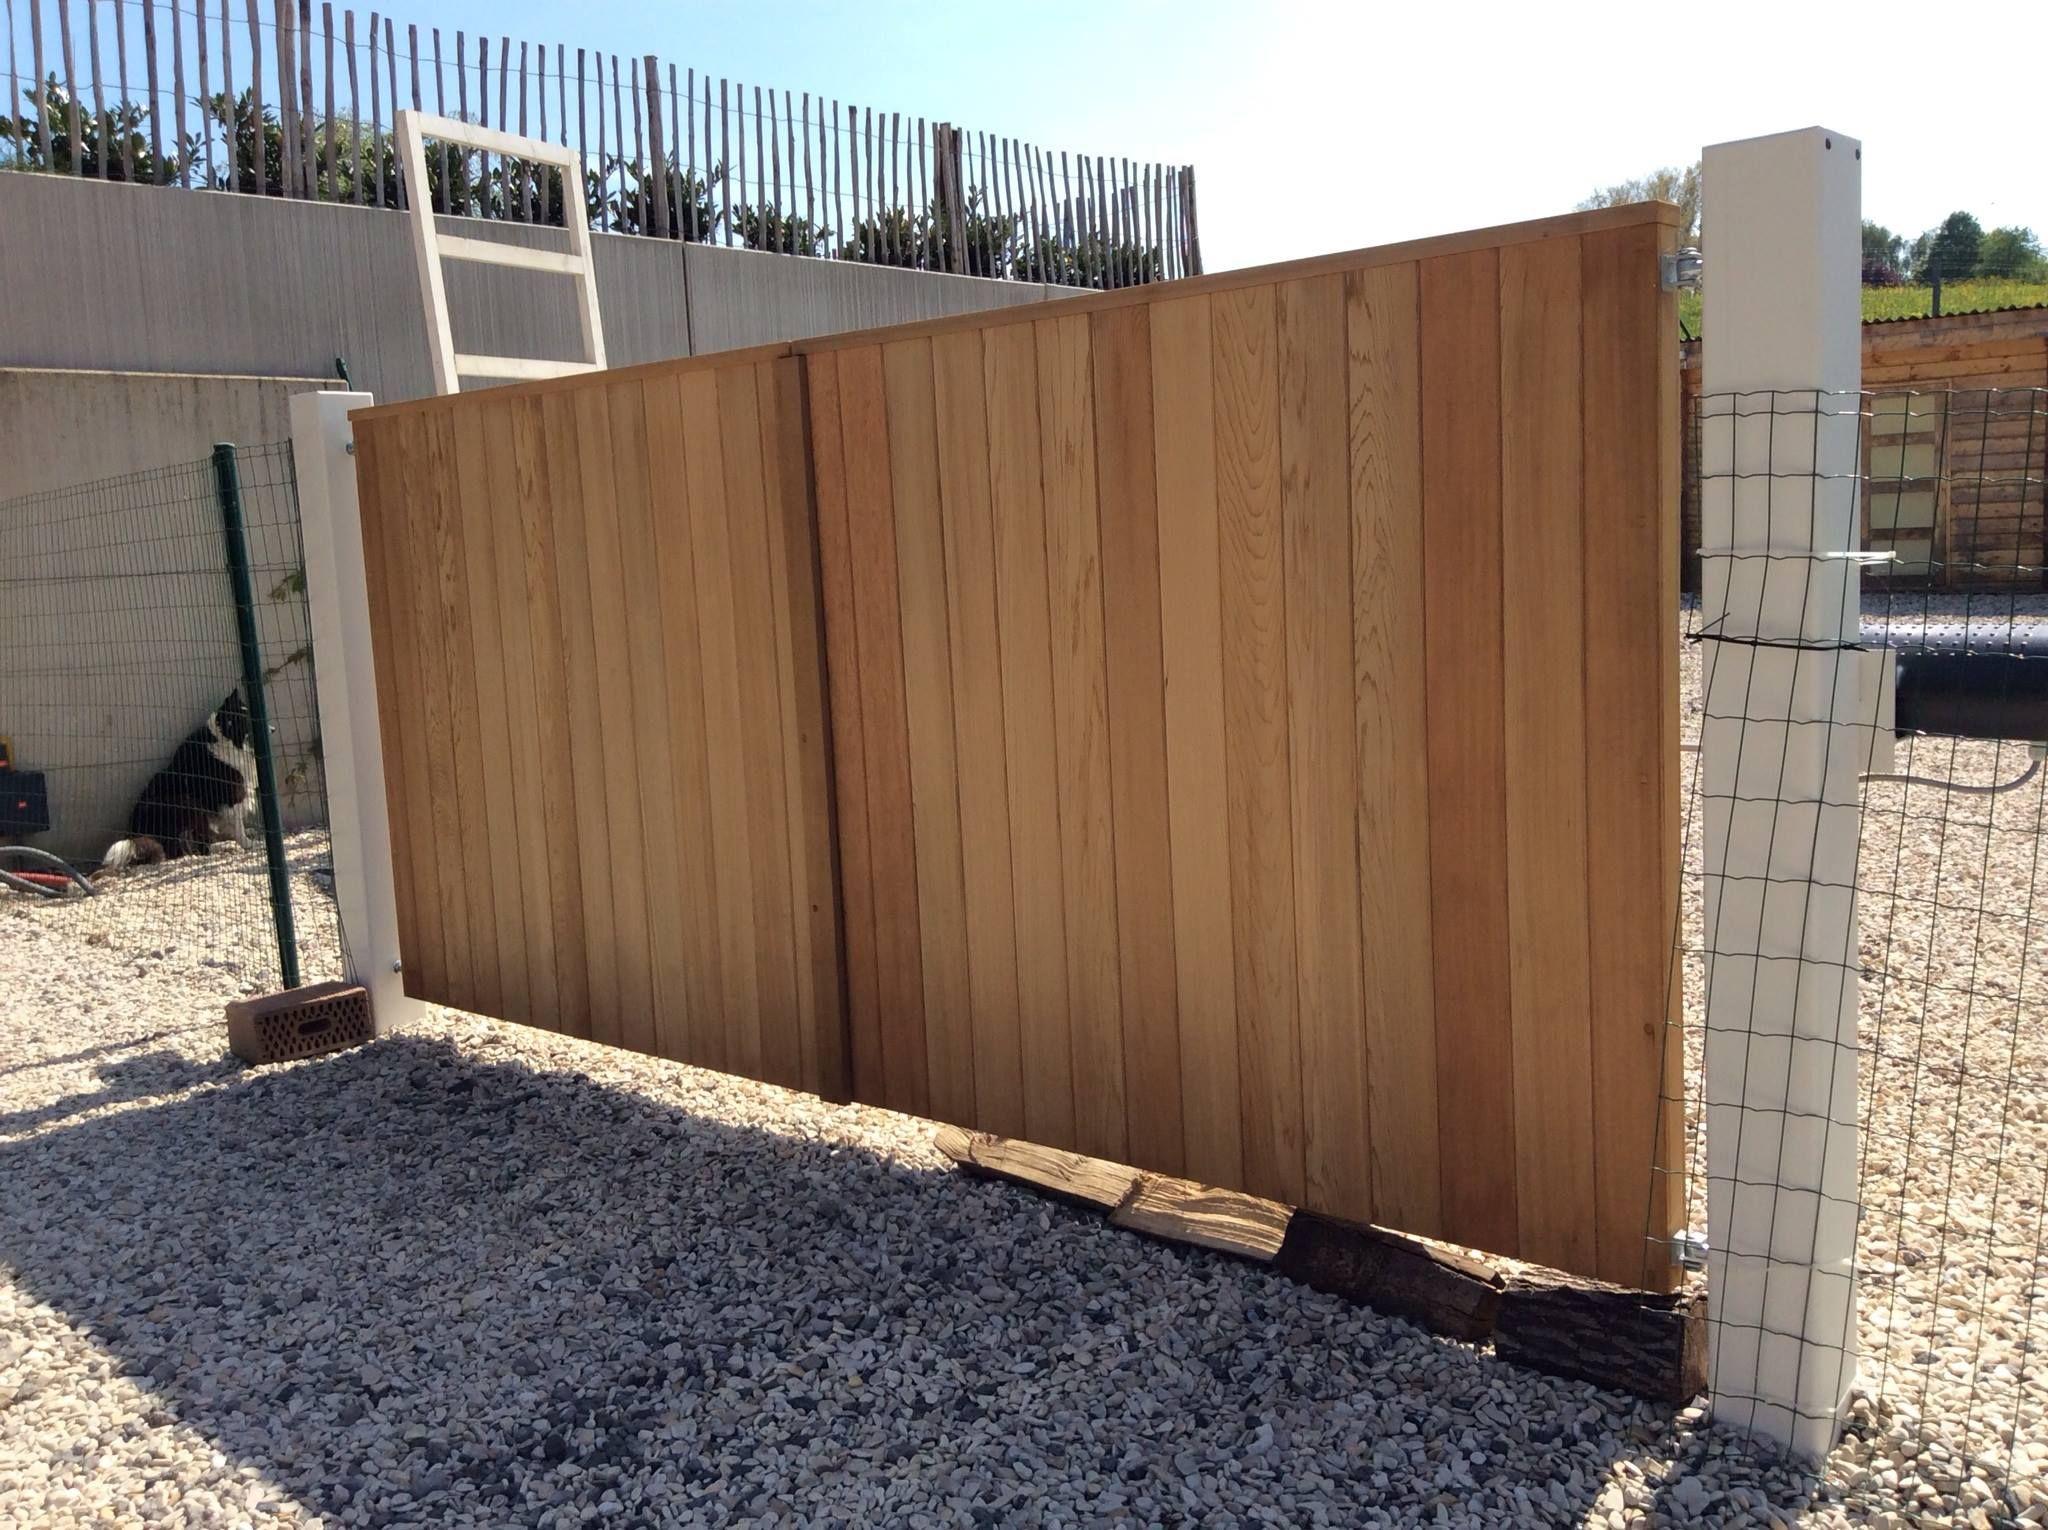 portail bois et cadre acier cach tori portails jardin pinterest portail portail bois. Black Bedroom Furniture Sets. Home Design Ideas